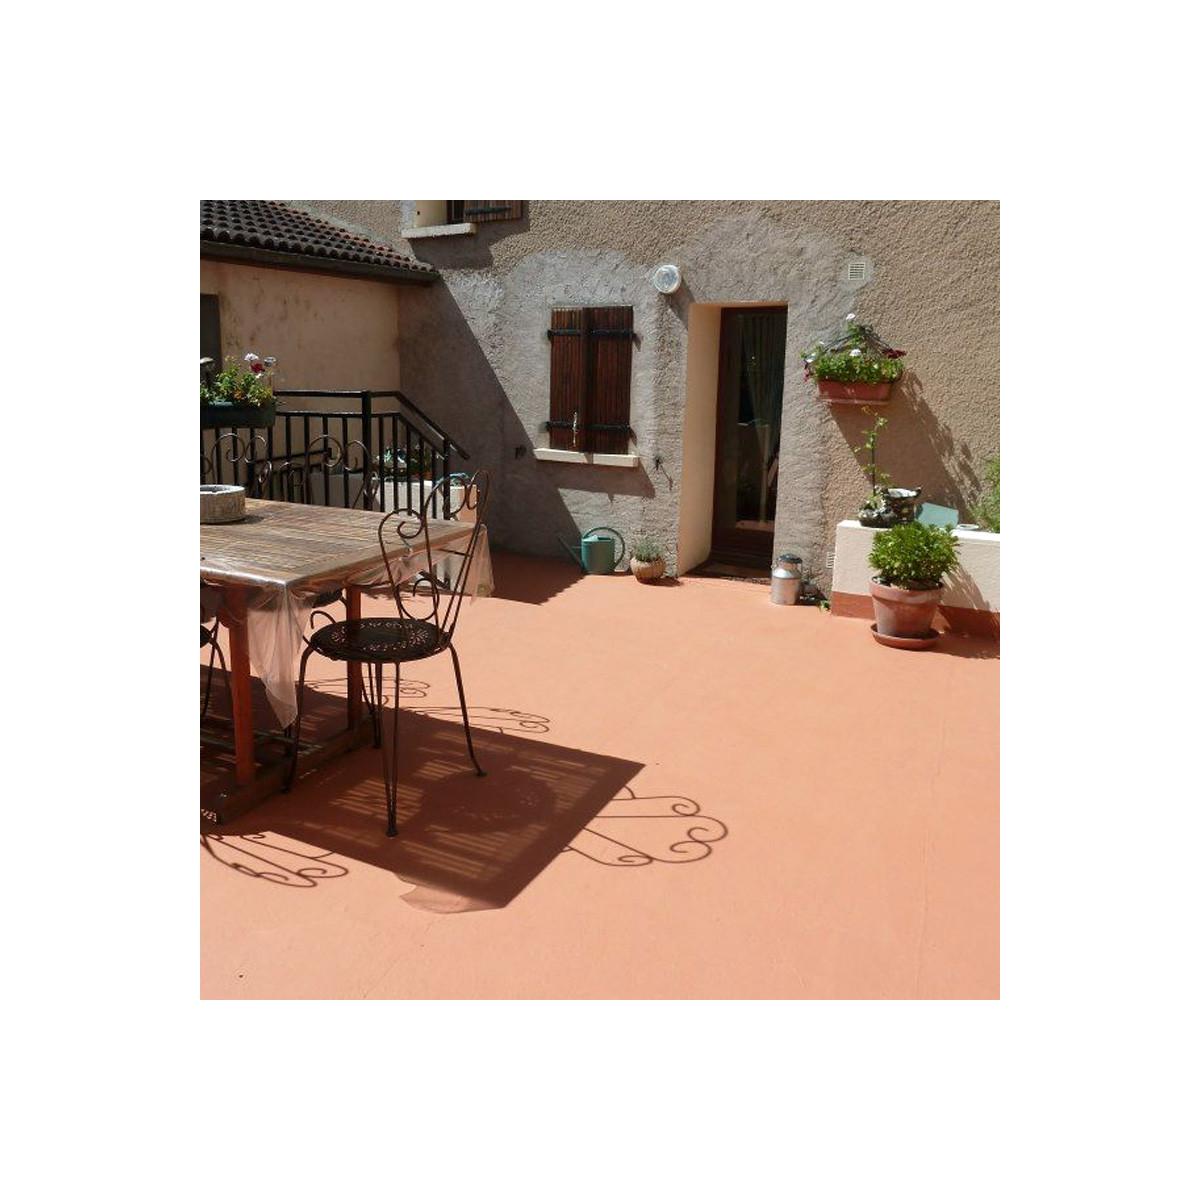 Peinture Pour Balcon Exterieur peinture etancheite exterieur terrasse balcon arcaterrasse